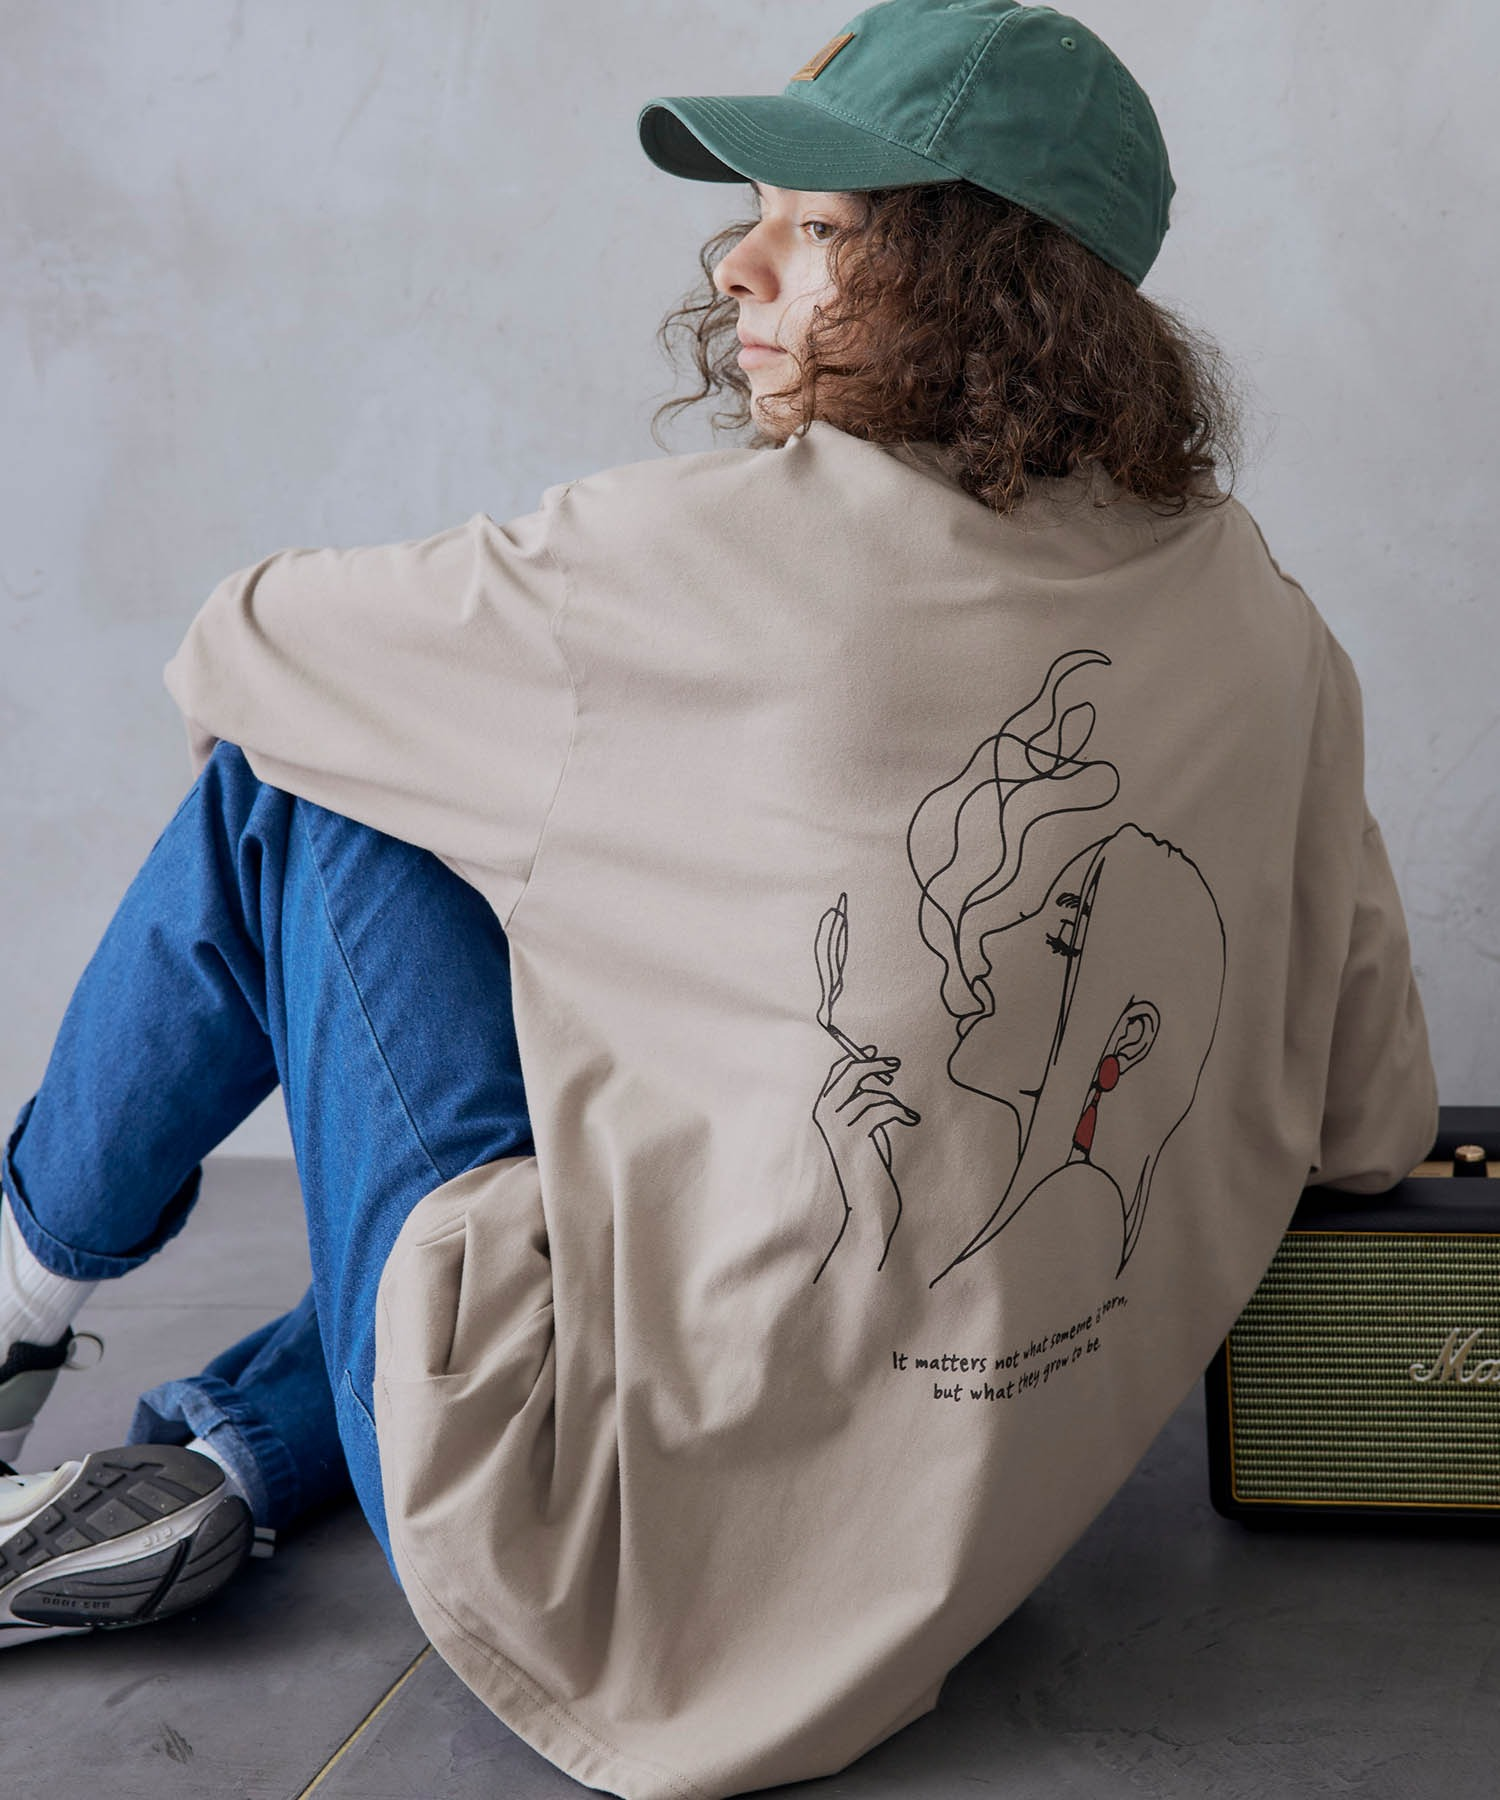 ビッグシルエット イラストデザイン クルーネック長袖Tシャツ-2021SPRING-